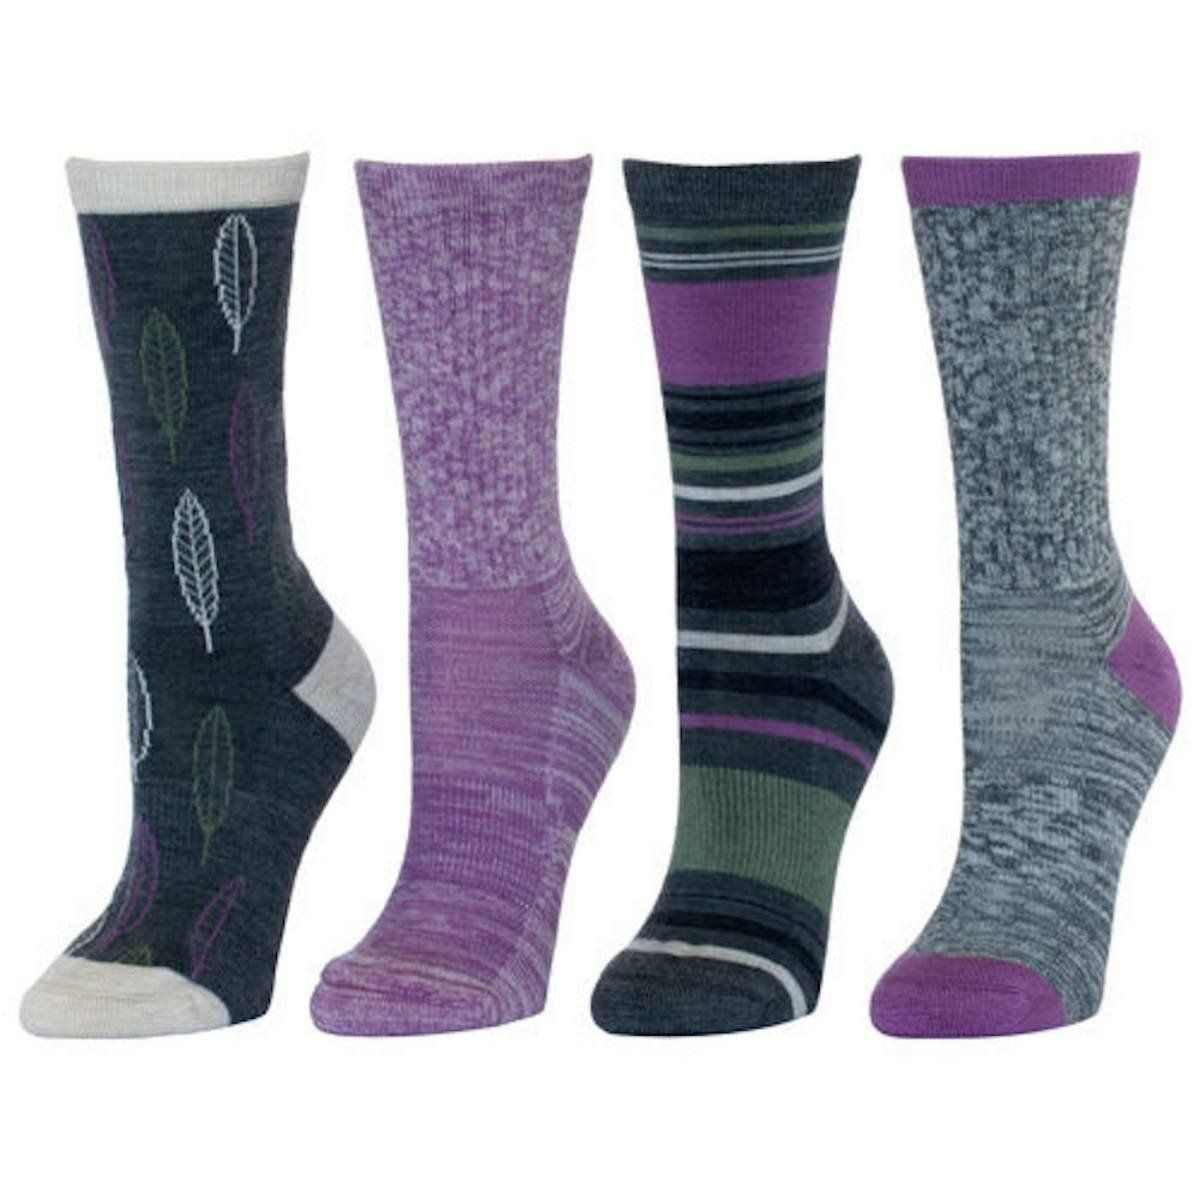 4 Pair Womens Multiple Colors Kirkland Ladies Merino Wool Trail Socks